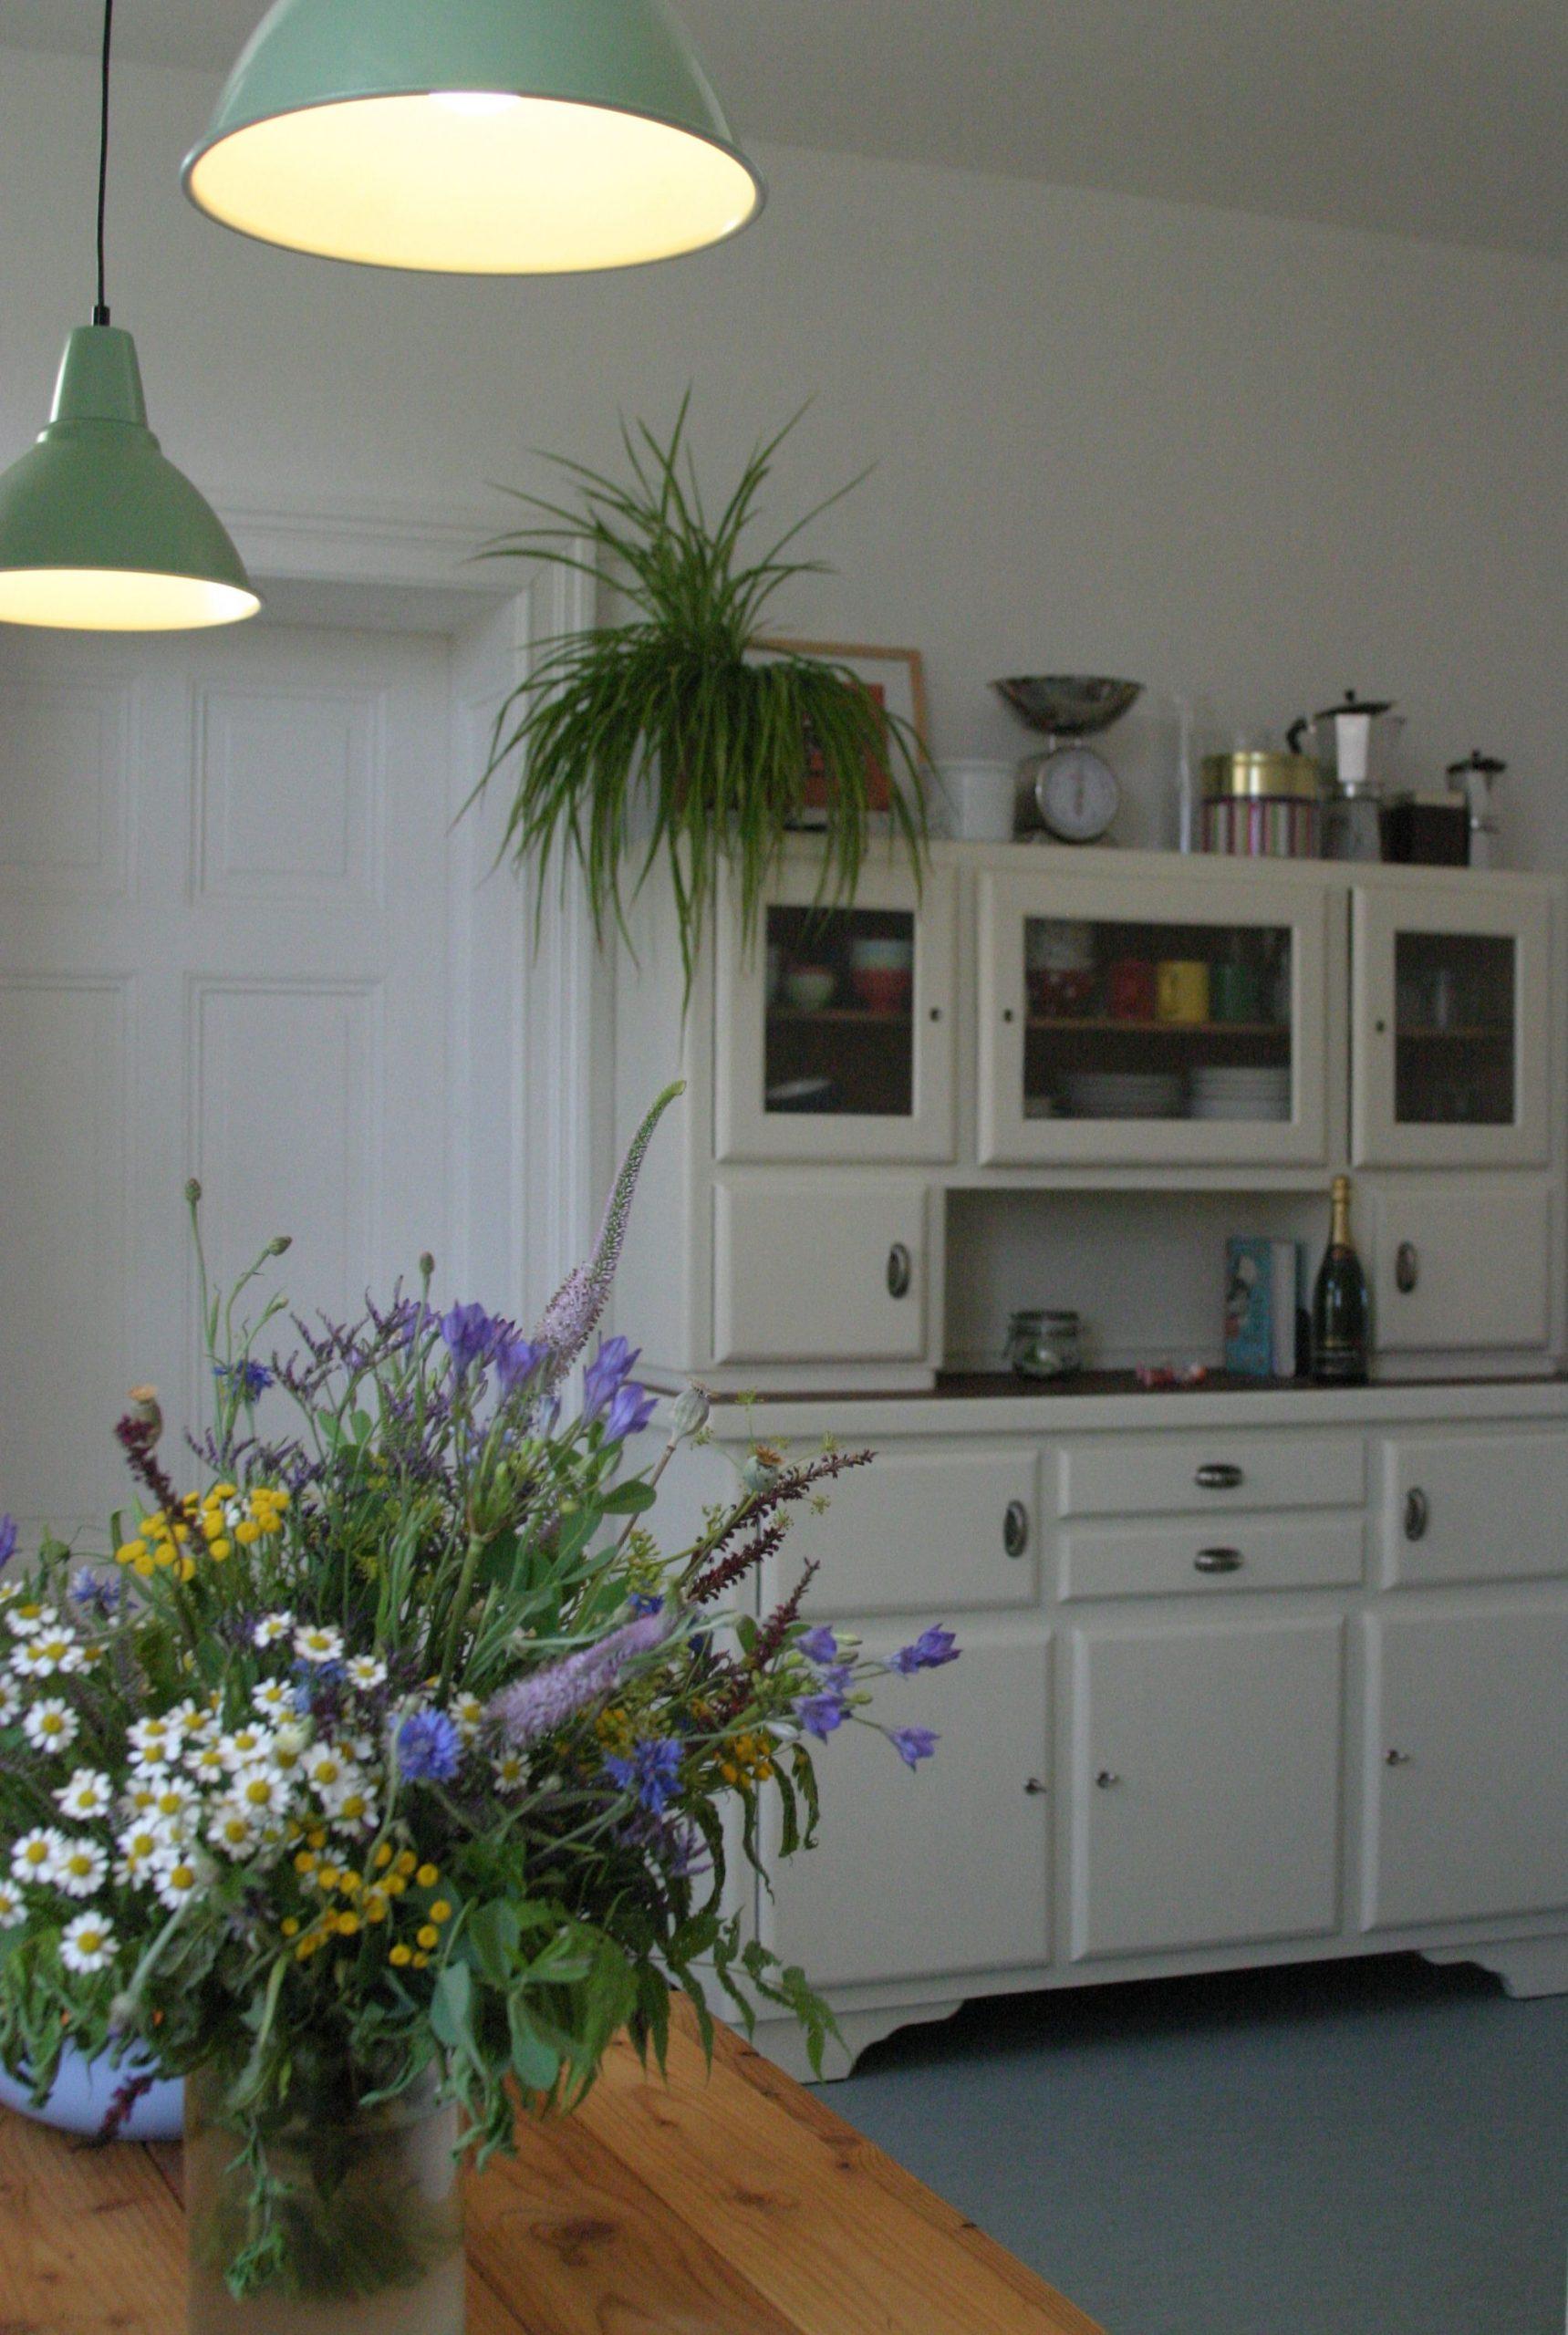 Full Size of Küchenanrichte Alte Kchenanrichte Aus Den 30ern Erstrahlt Wohnzimmer Küchenanrichte